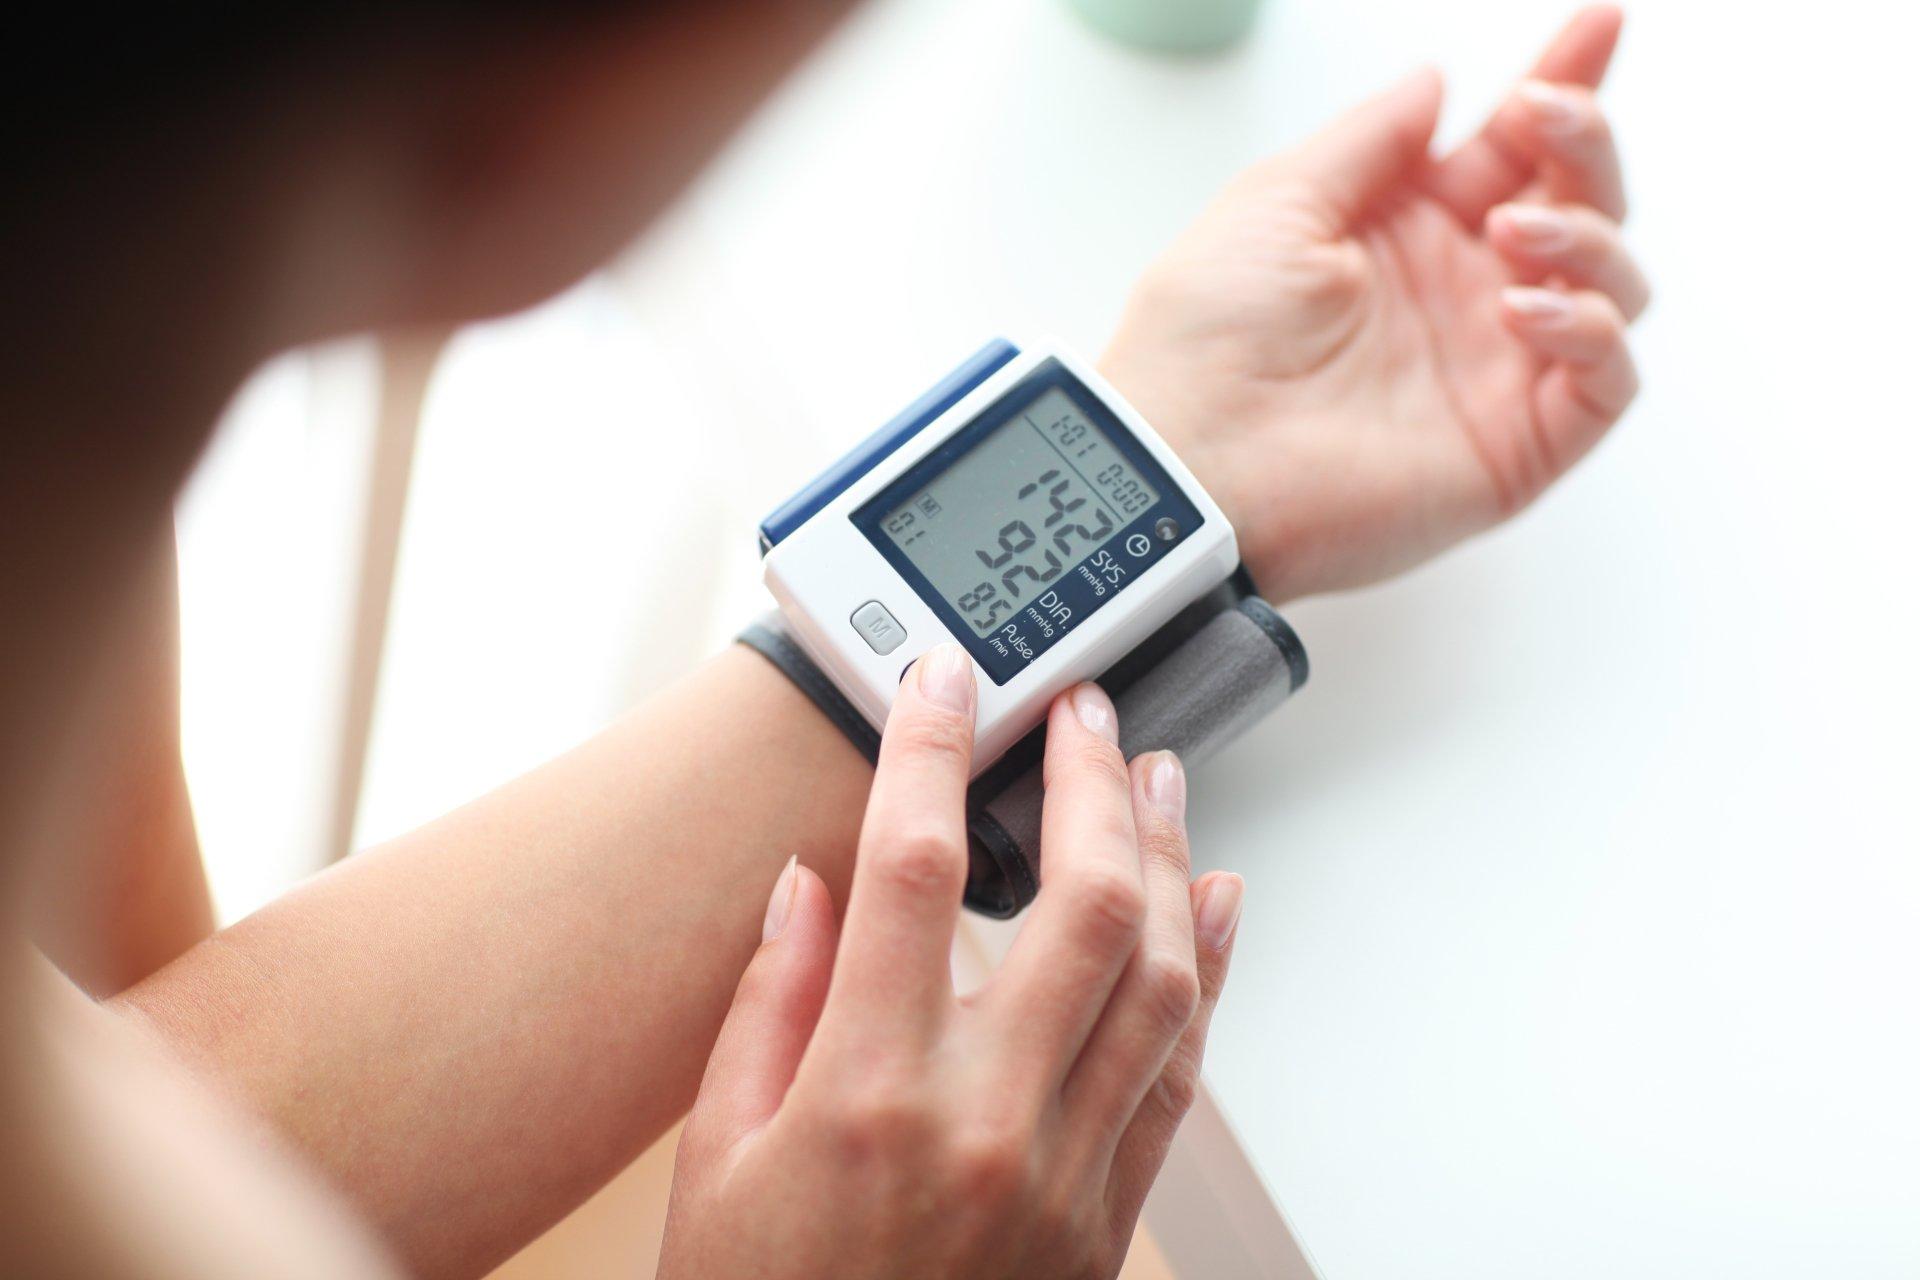 dia-nacional-prevenção-combate-hipertensão-arterial-pressão-alta-cardiologista-deusdete-noronha-junior-unimed-campo-grande-ms-2021